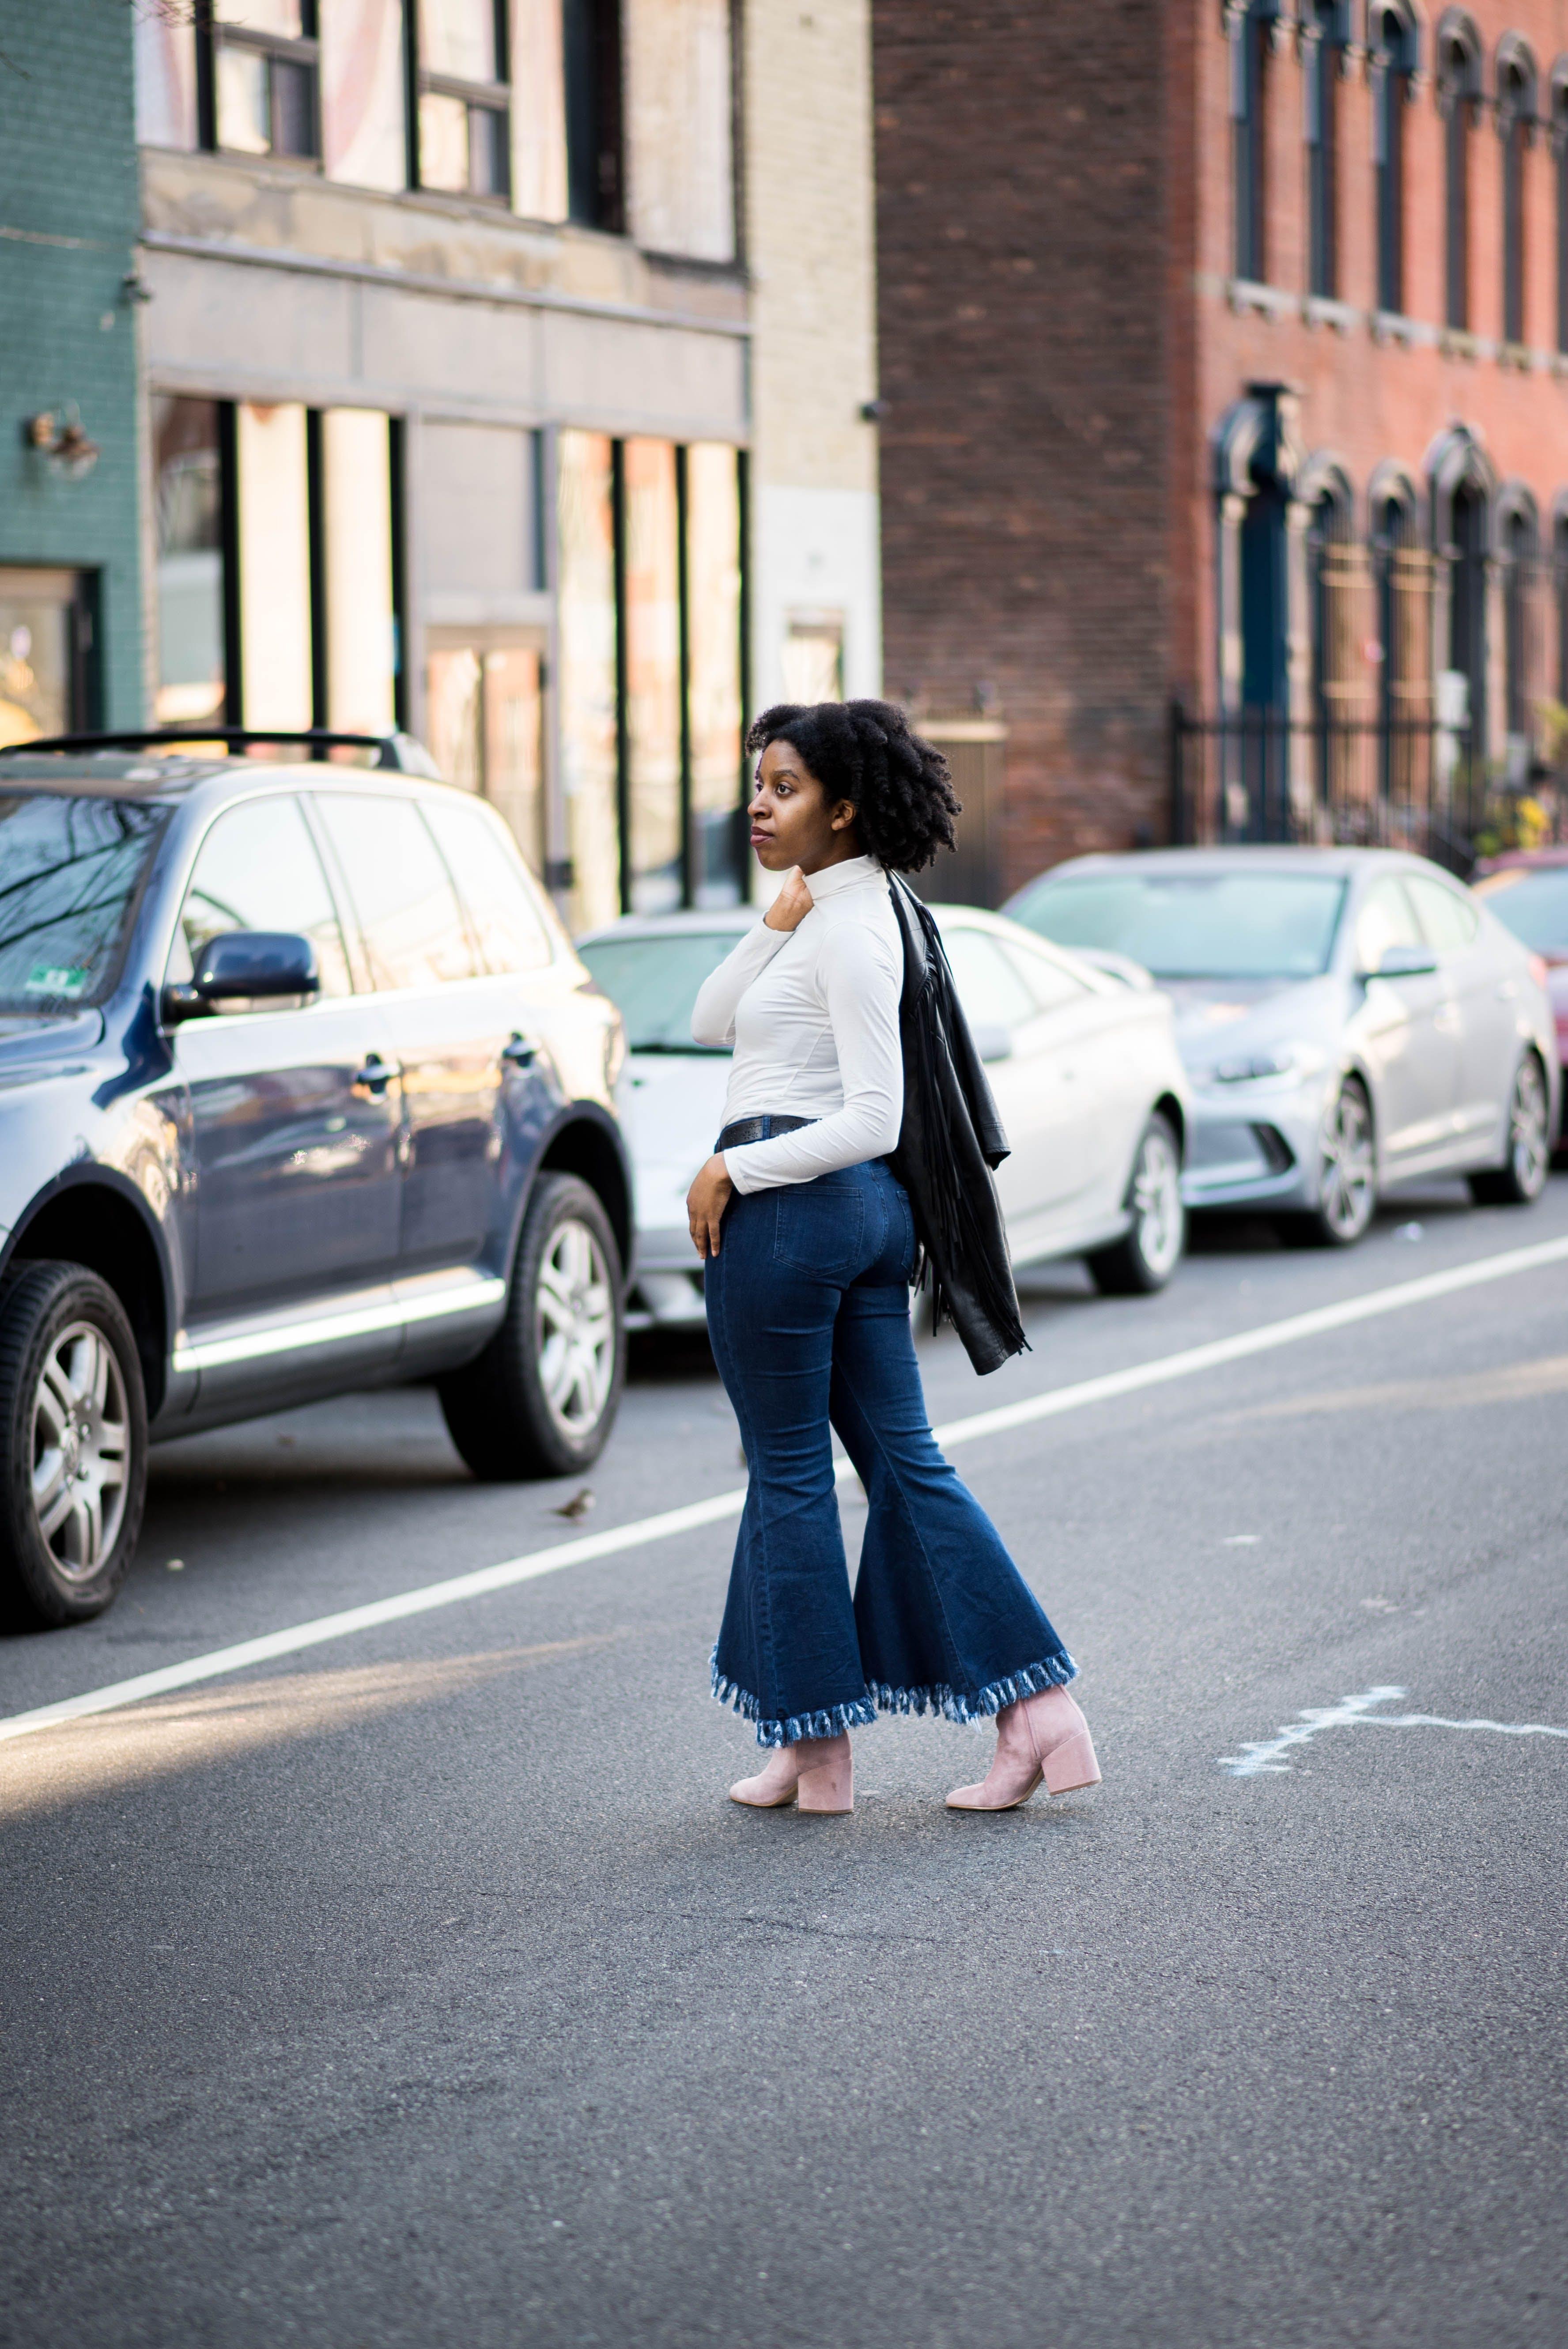 Gratis lagerfoto af afroamerikansk kvinde, arkitektur, asfalt, biler